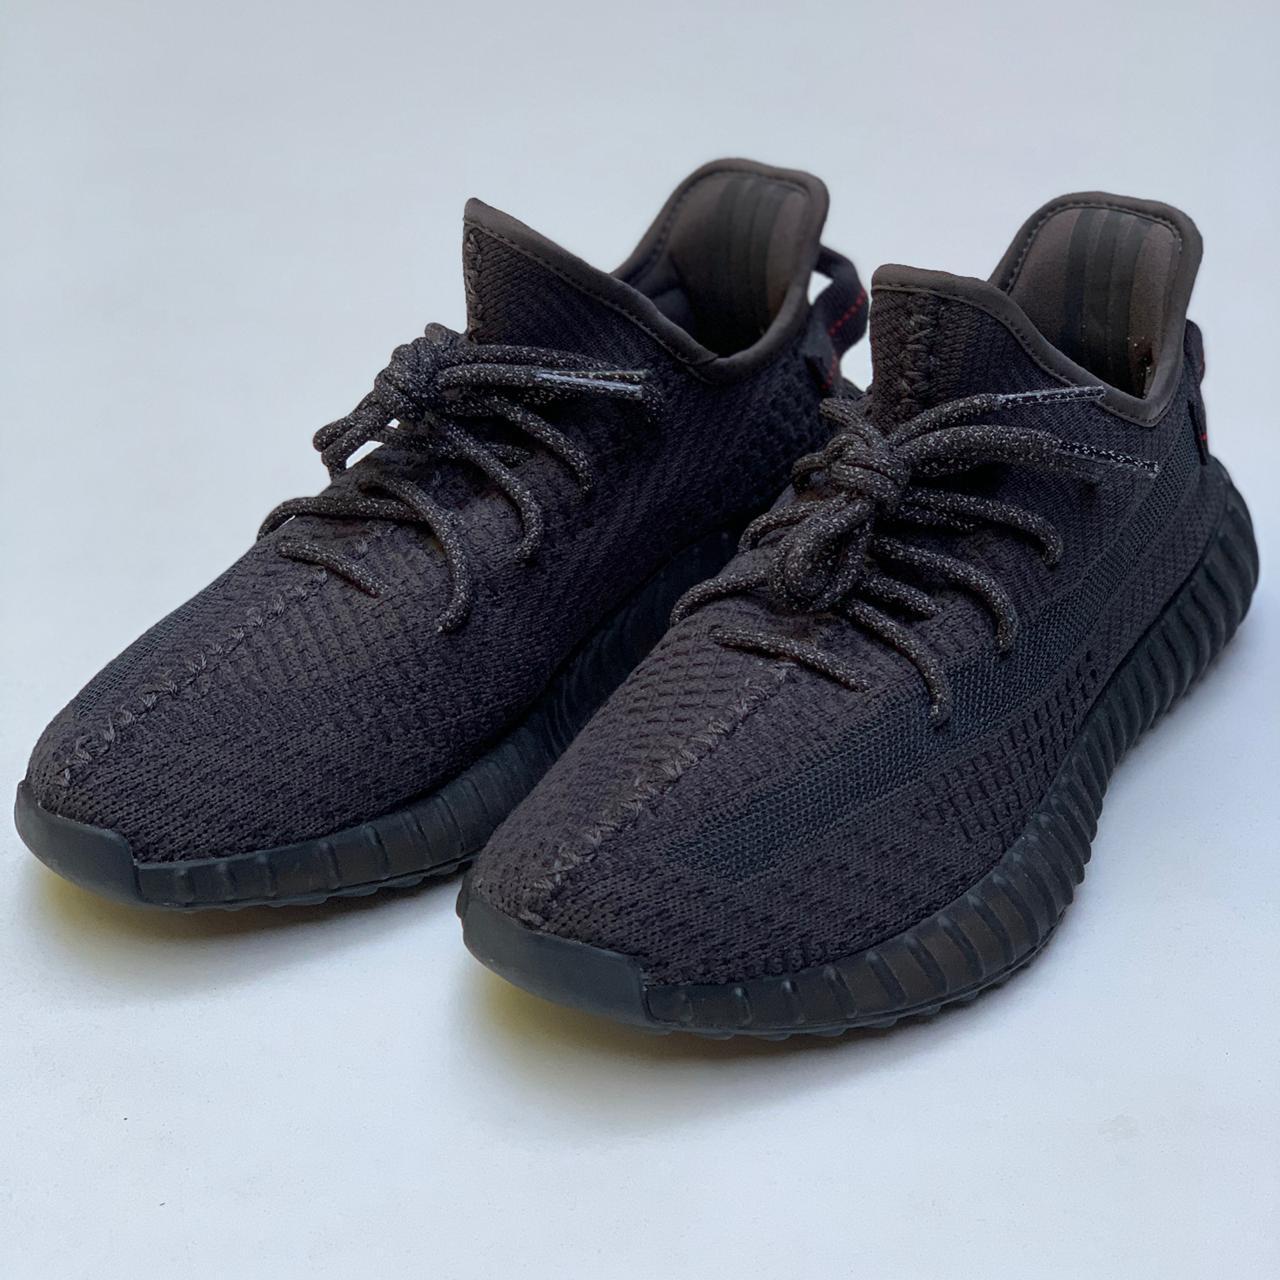 Tênis Adidas Originals YEEZY BOOST 350 V2 Black 9,5/10